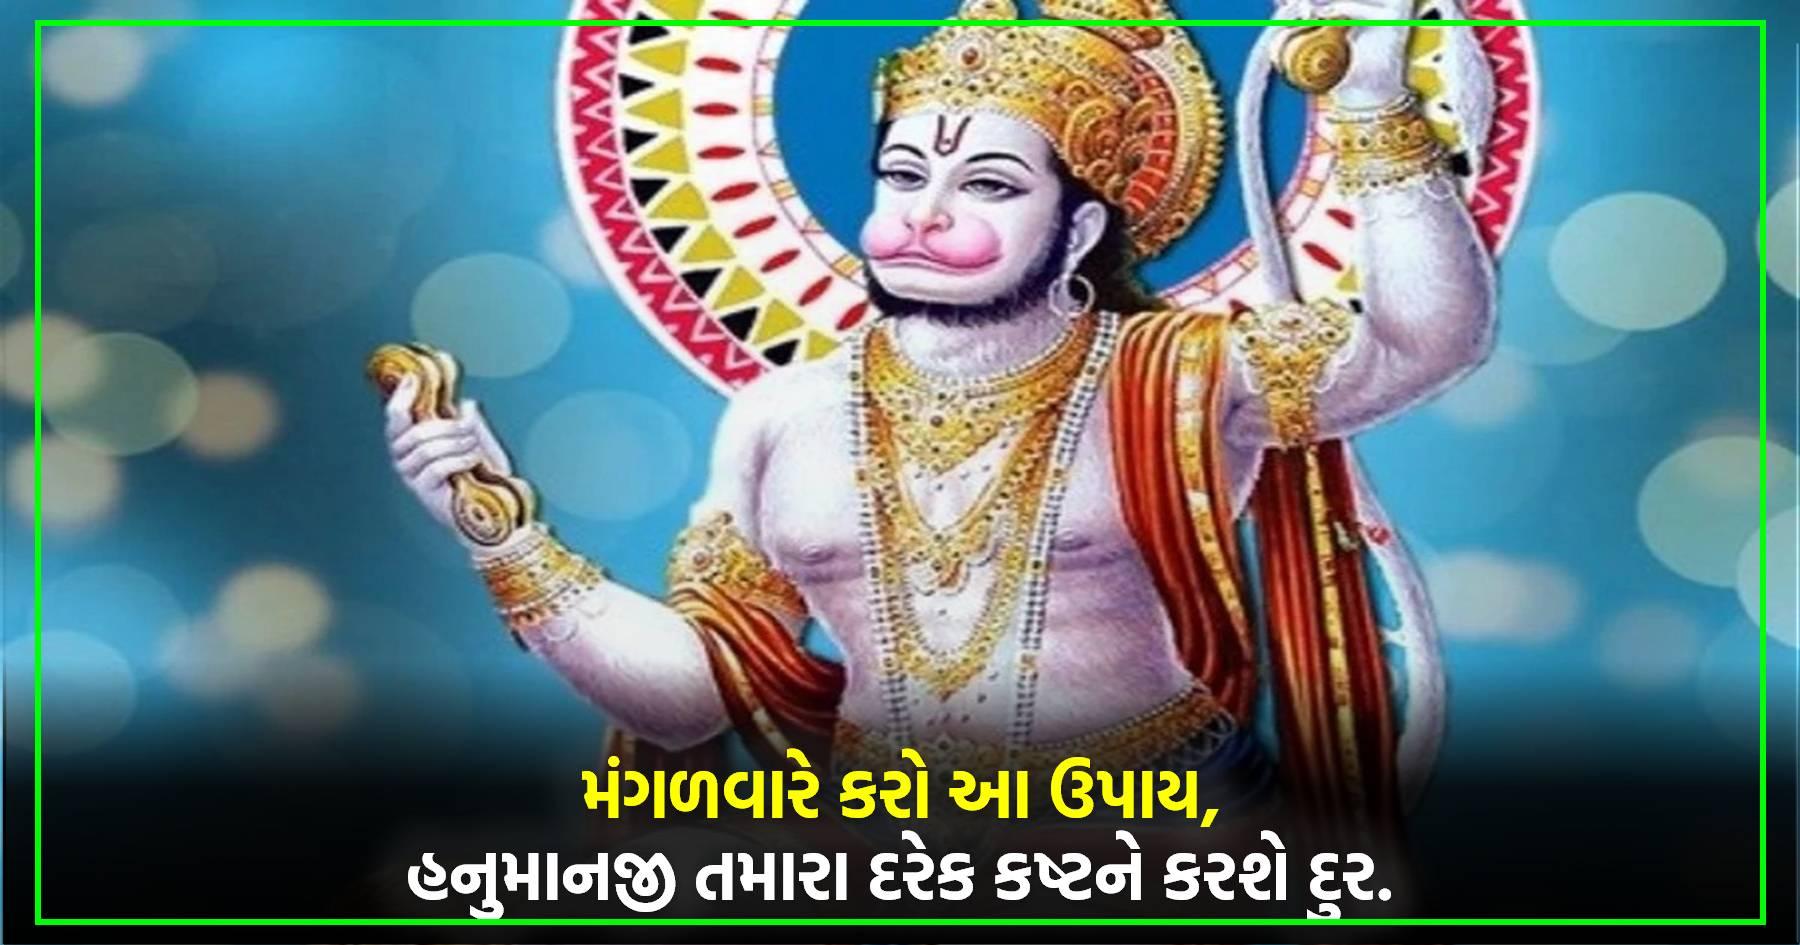 મંગળવારે કરો આ ઉપાય, હનુમાનજી તમારા દરેક કષ્ટને કરશે દુર…